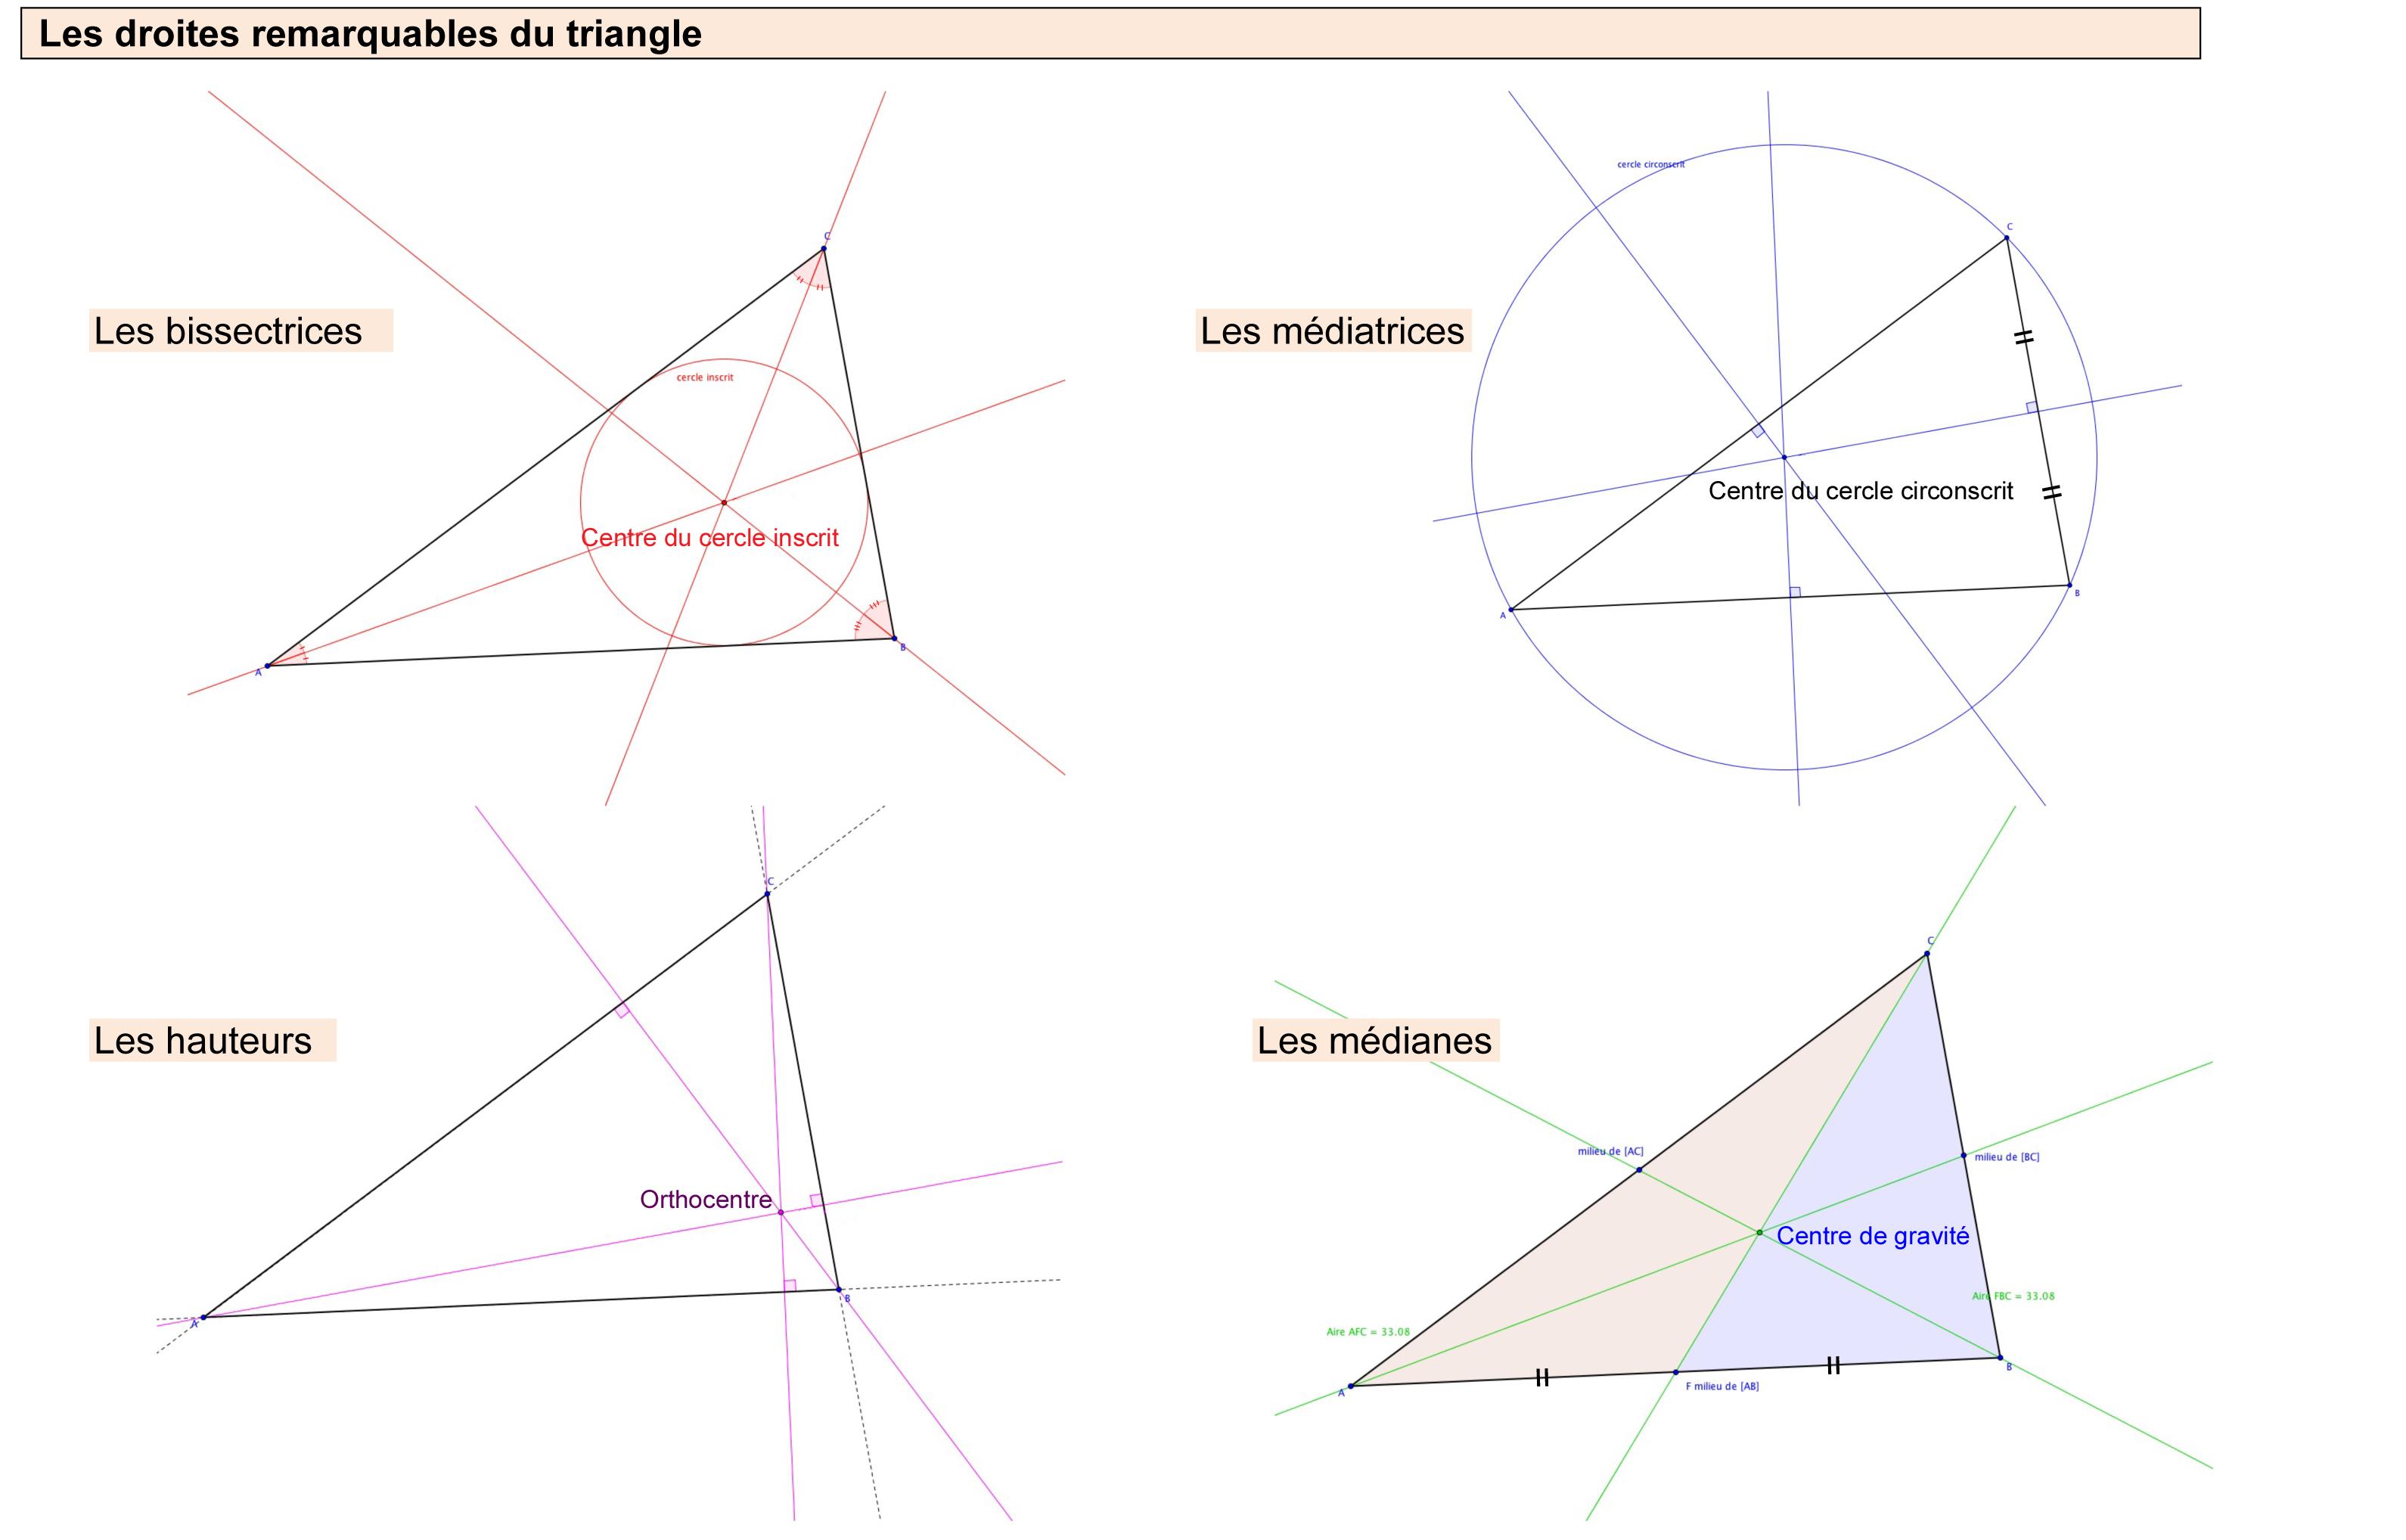 T.-Droites-remarquables-du-triangle